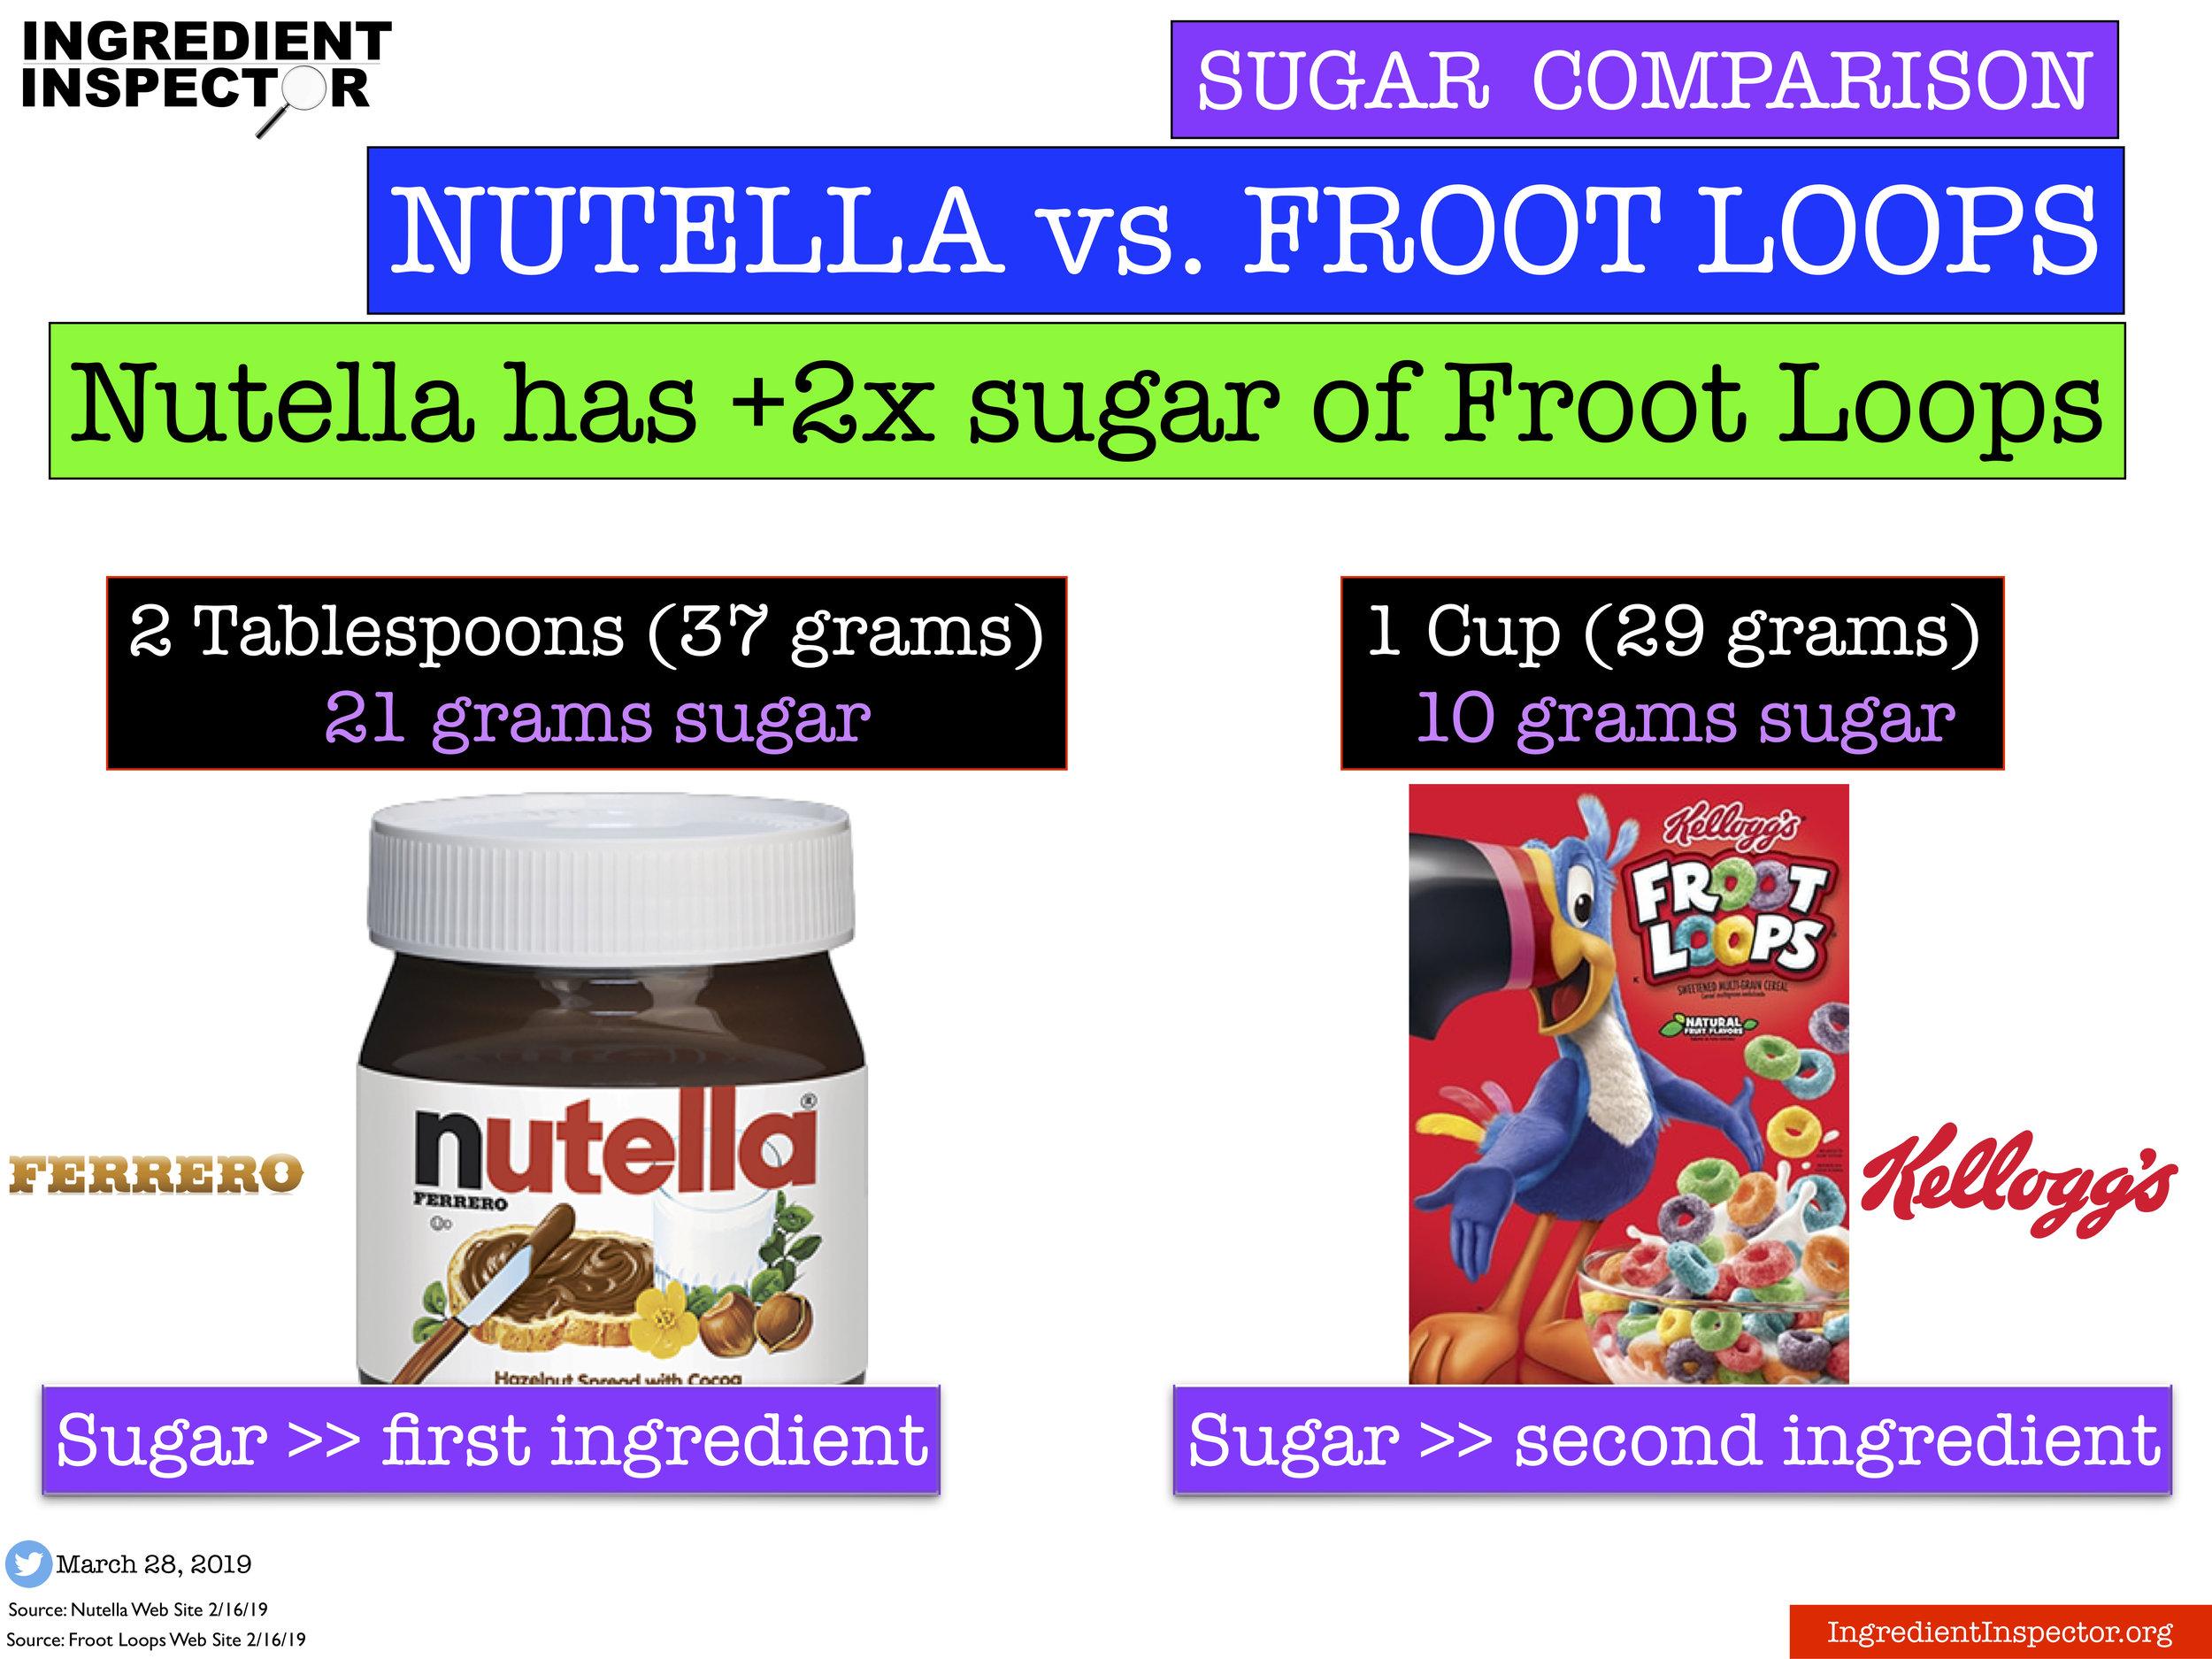 Ingredient Inspector Nutella has +2x sugar of Froot Loops per serving.jpg